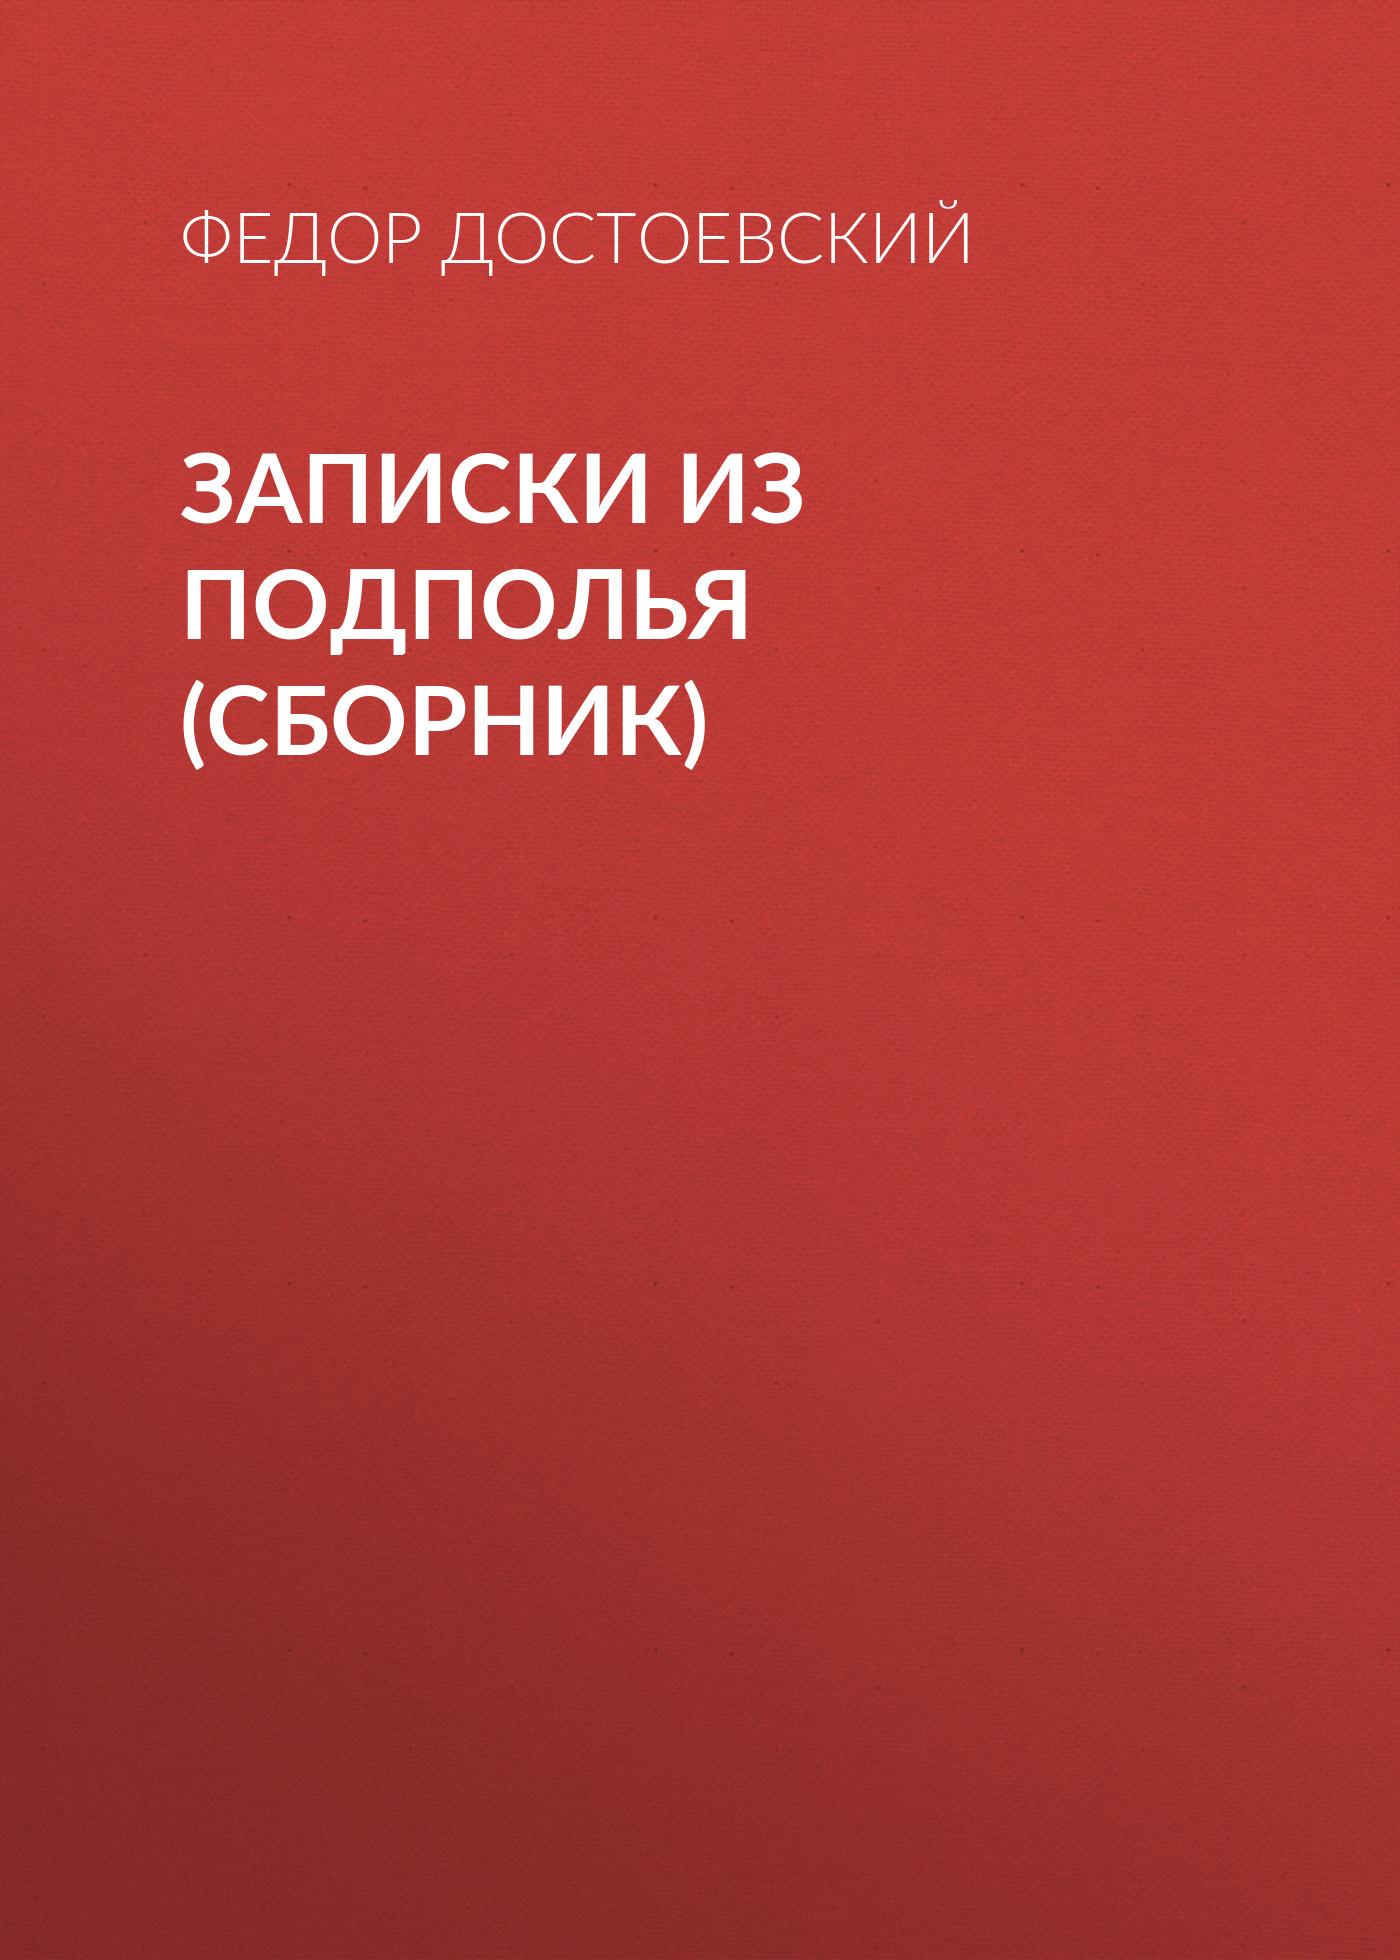 Федор Достоевский Записки из подполья (сборник) федор достоевский записки из подполья